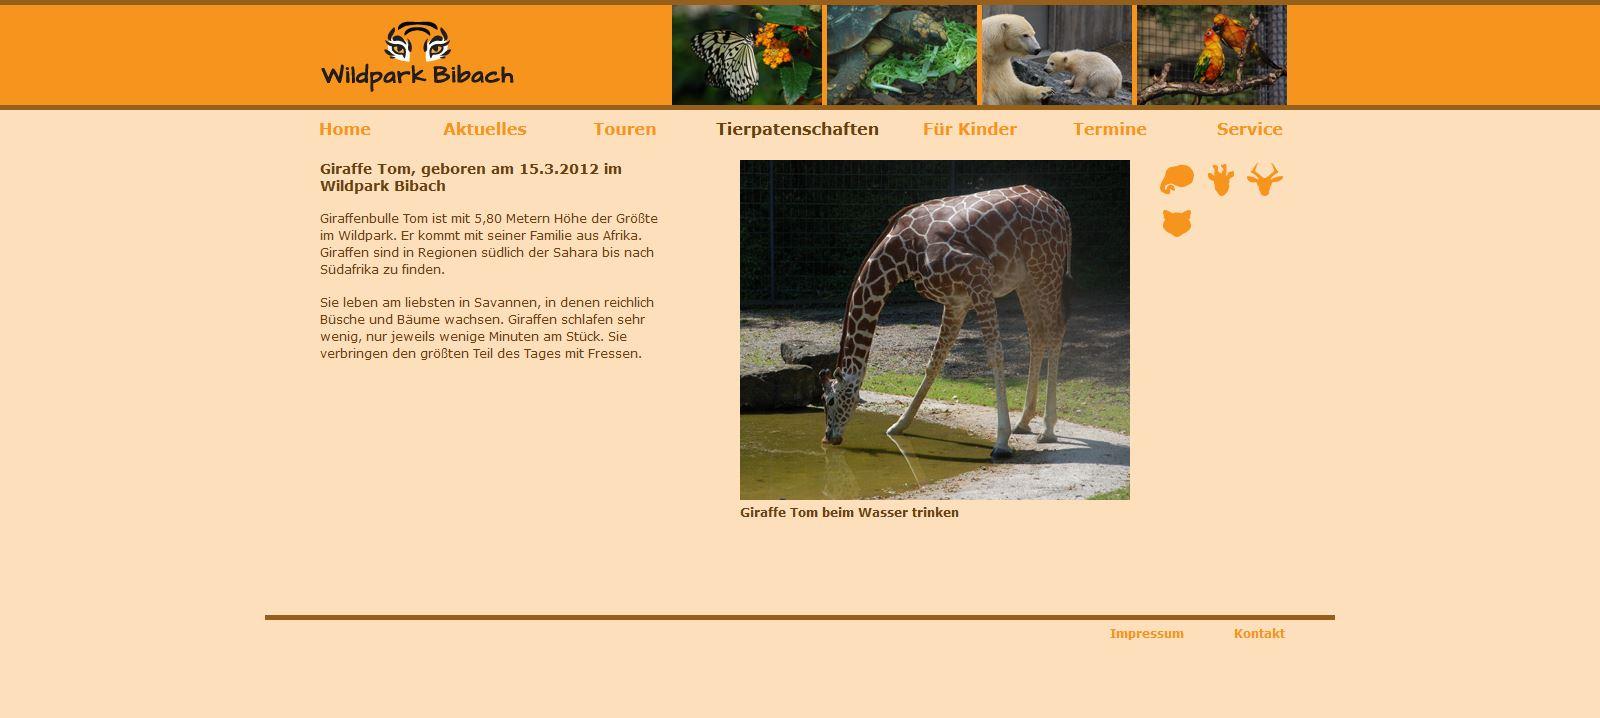 Wildpark Bibach - Tierpatenschaften